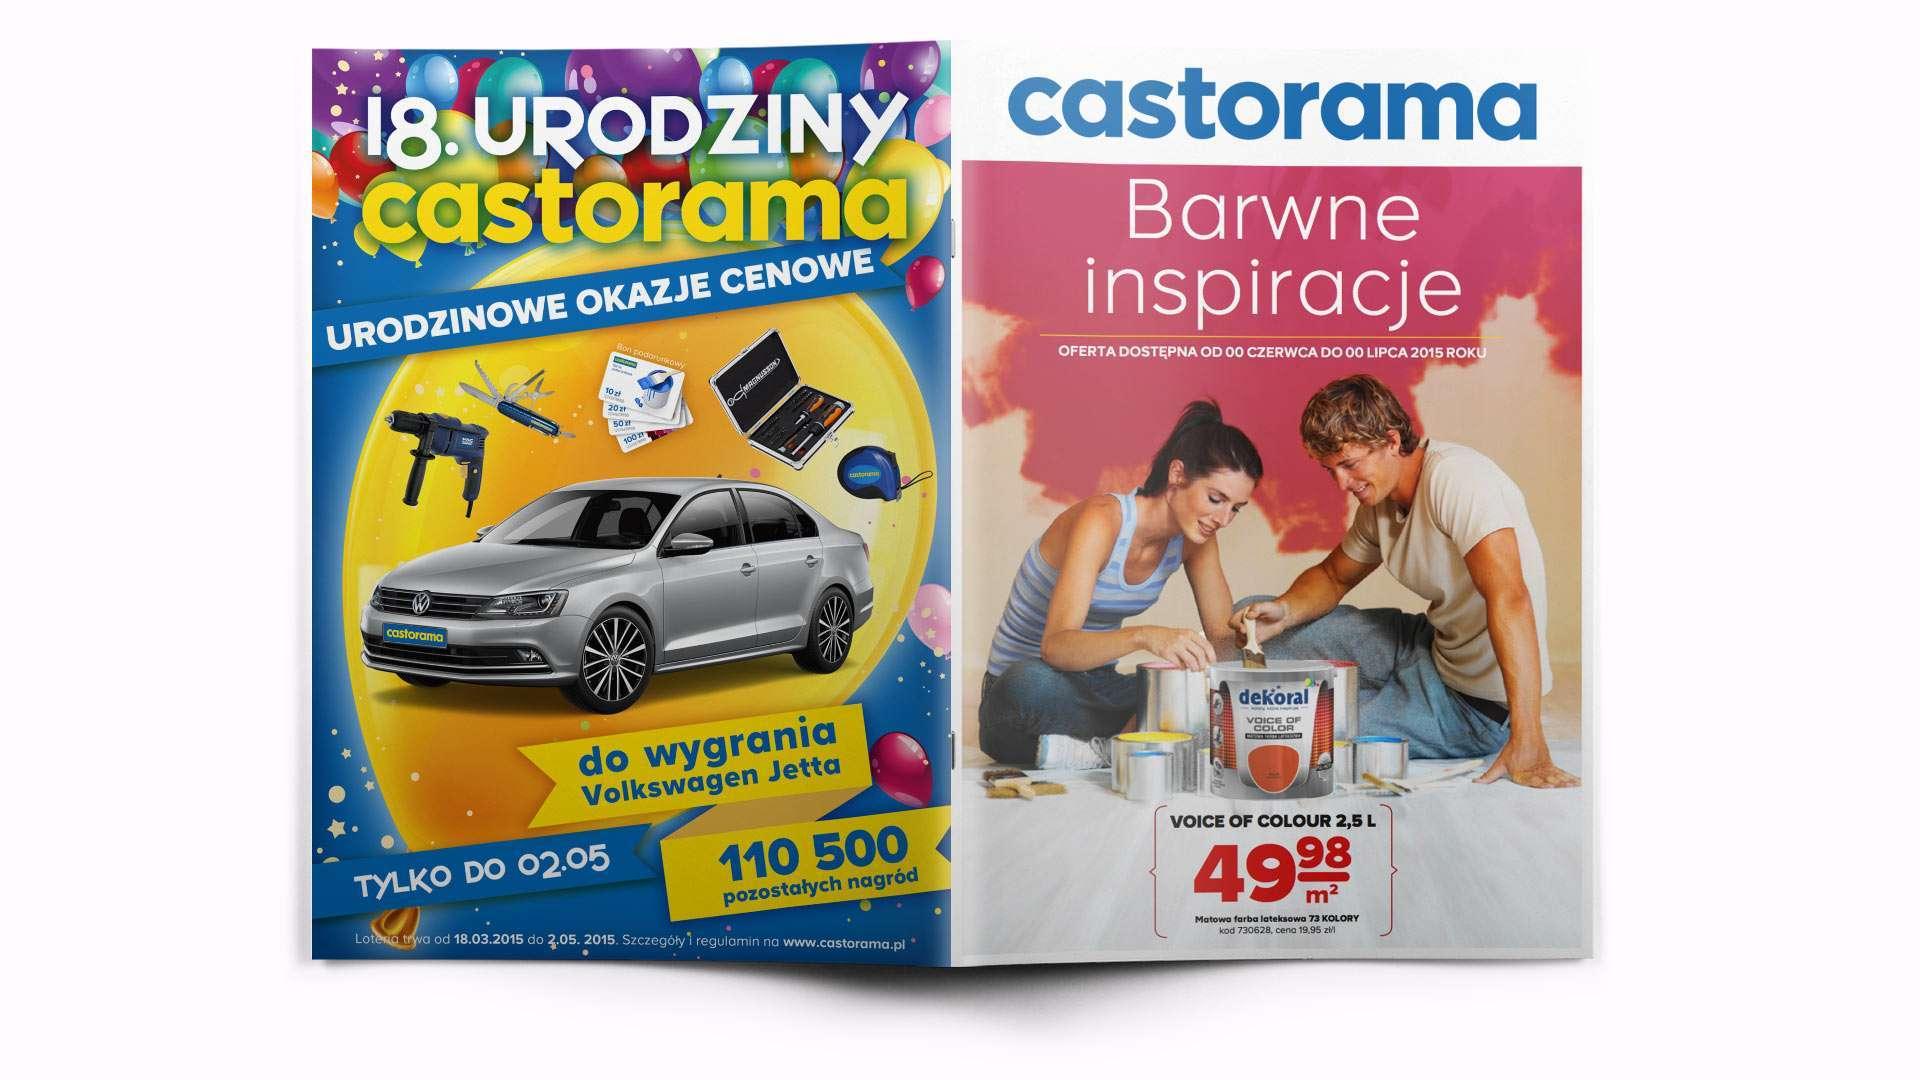 Castorama-spread-03